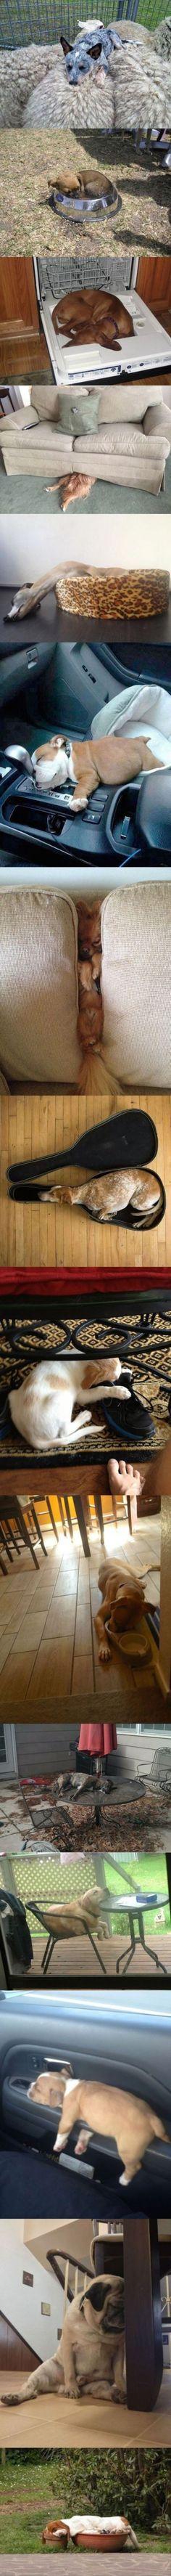 C'est ainsi que les chiens dorment.